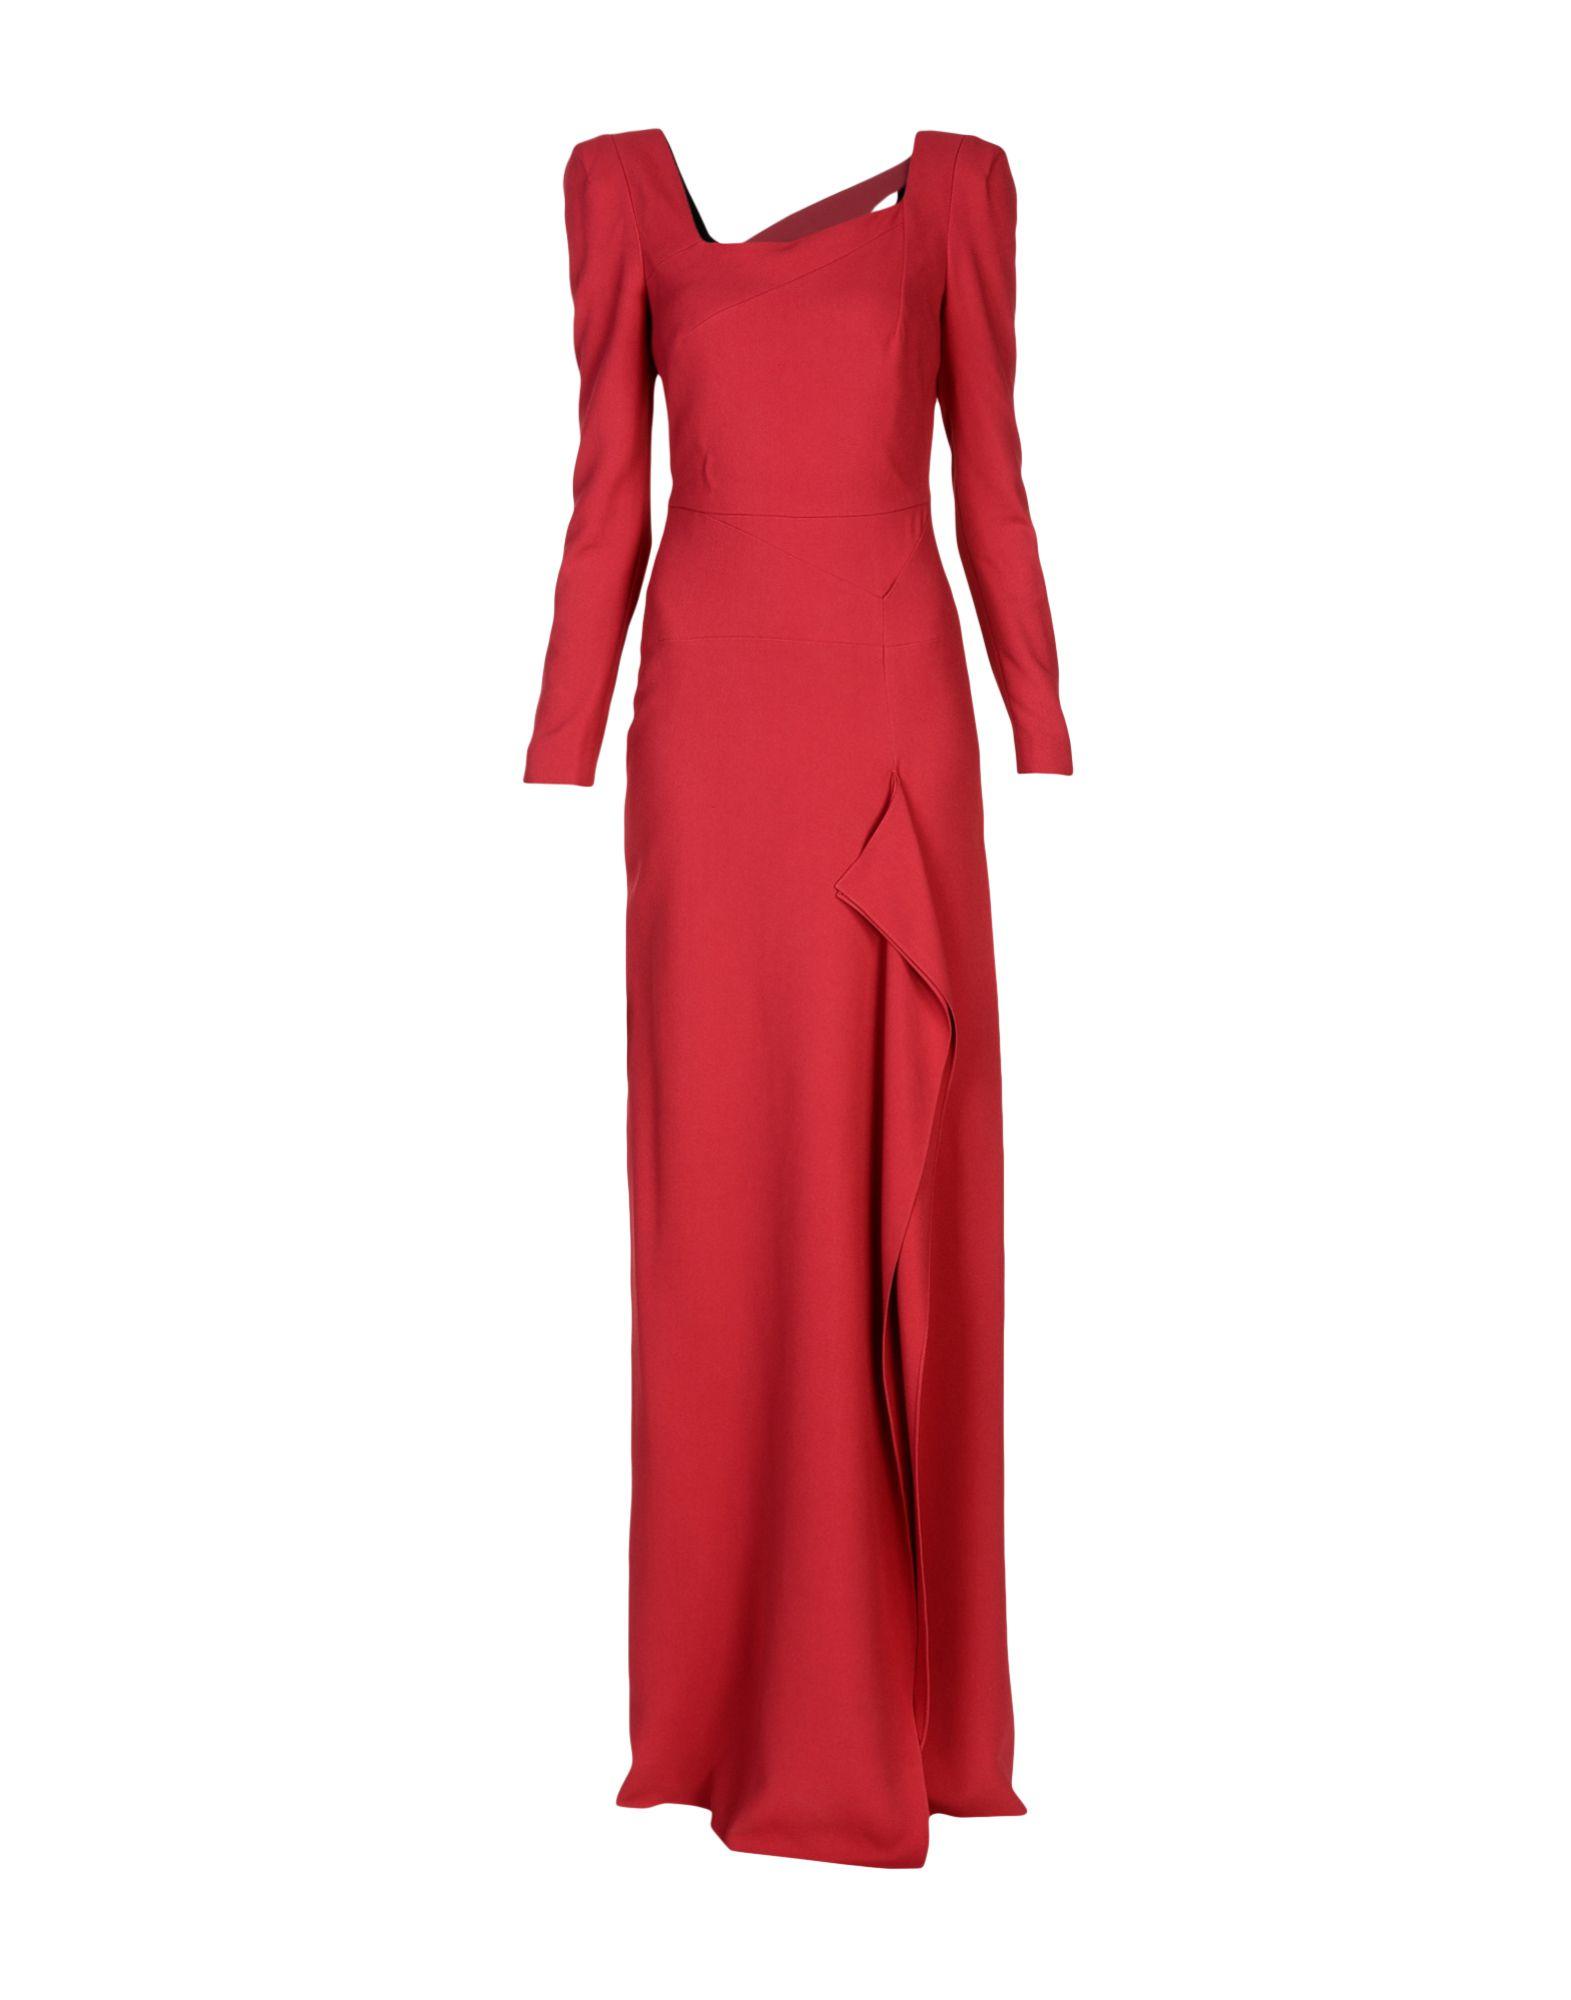 ROLAND MOURET Длинное платье платье короткое спереди длинное сзади летнее